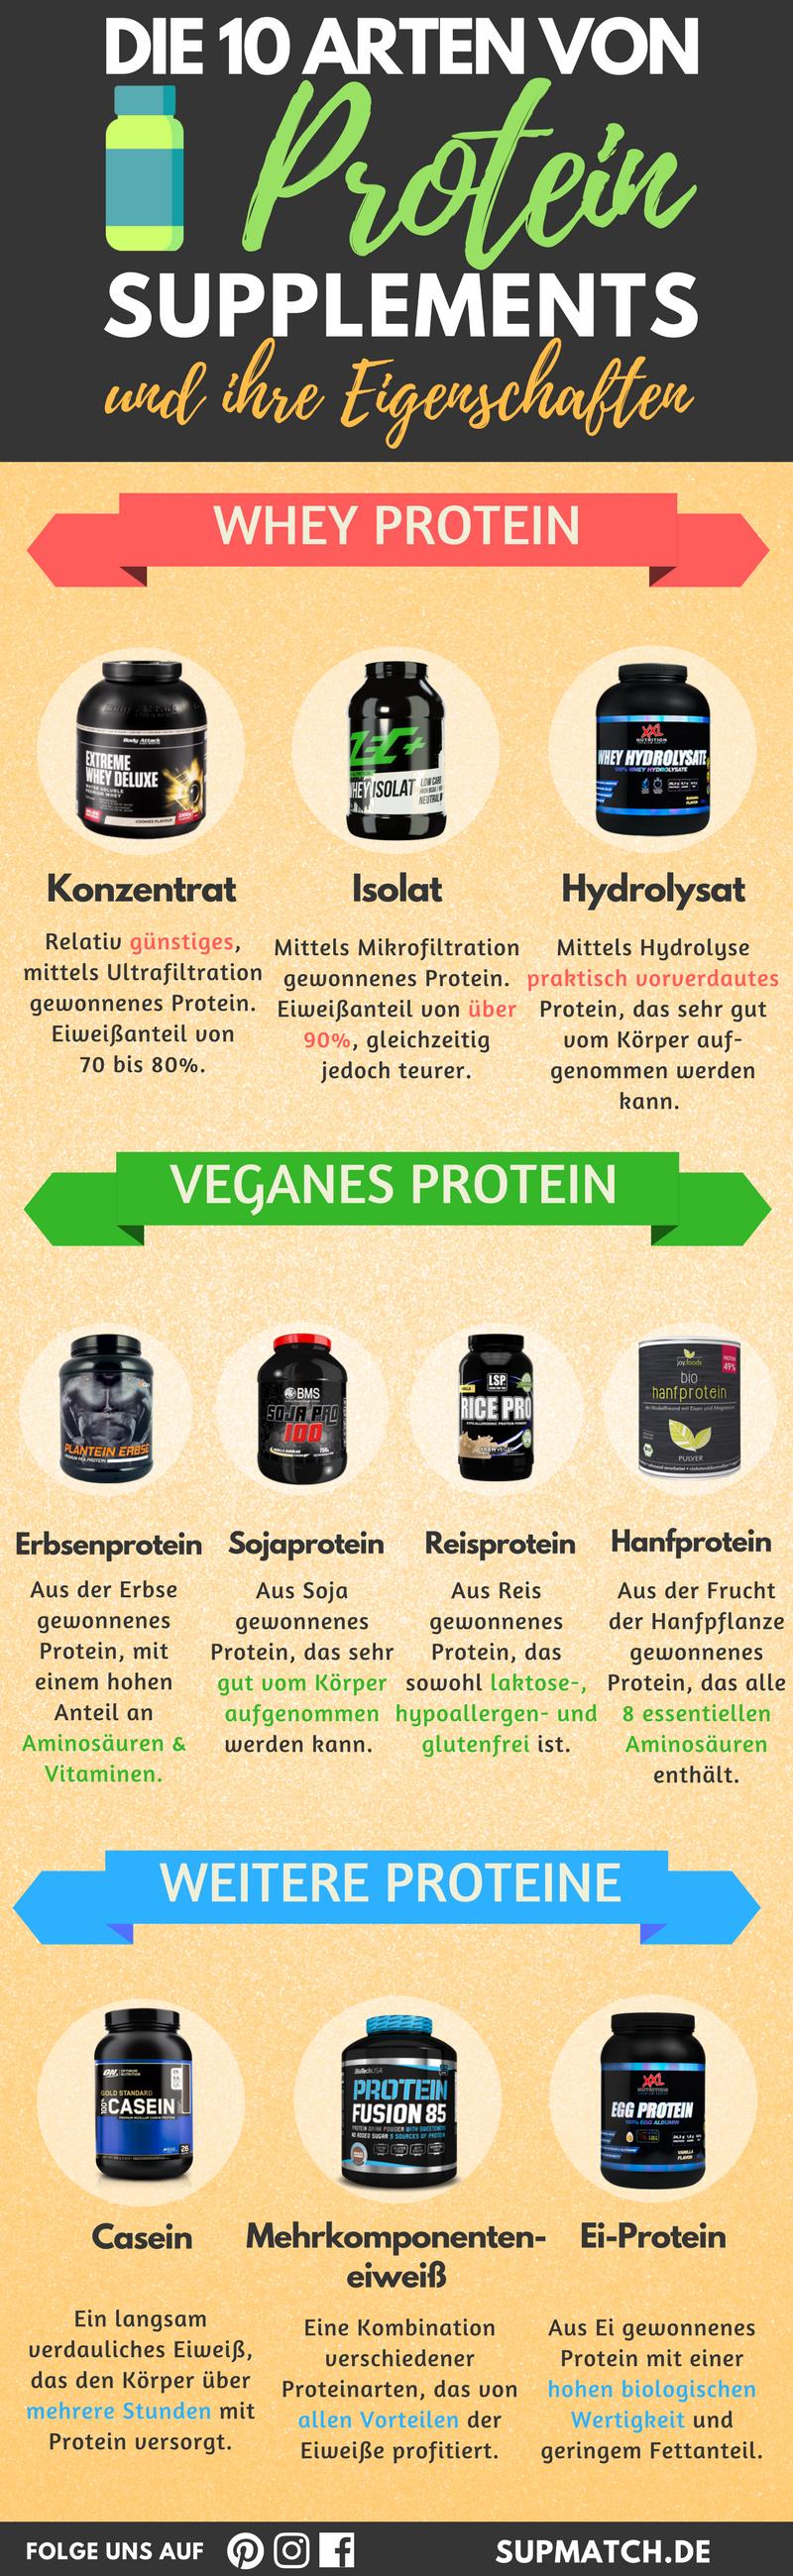 die 10 arten von protein supplements und ihre. Black Bedroom Furniture Sets. Home Design Ideas